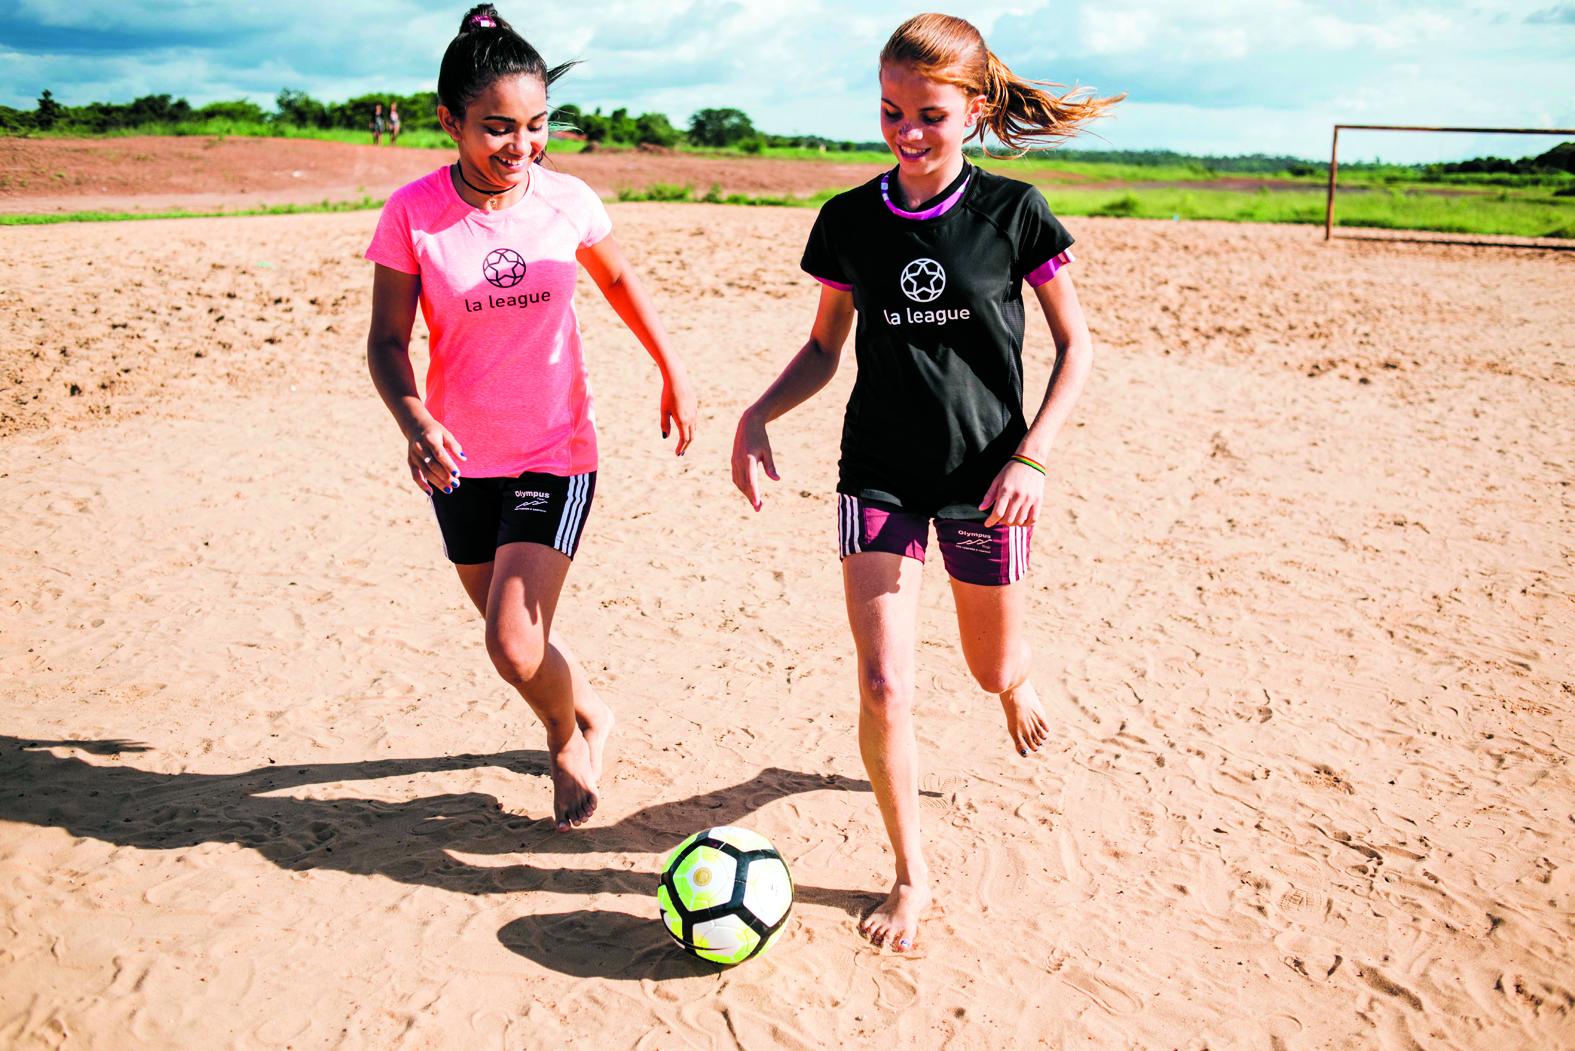 'De kern van de projecten bestaat uit het idee dat meisjes hun eigen ontwikkeling beïnvloeden.' (Foto: Bill Tanaka)